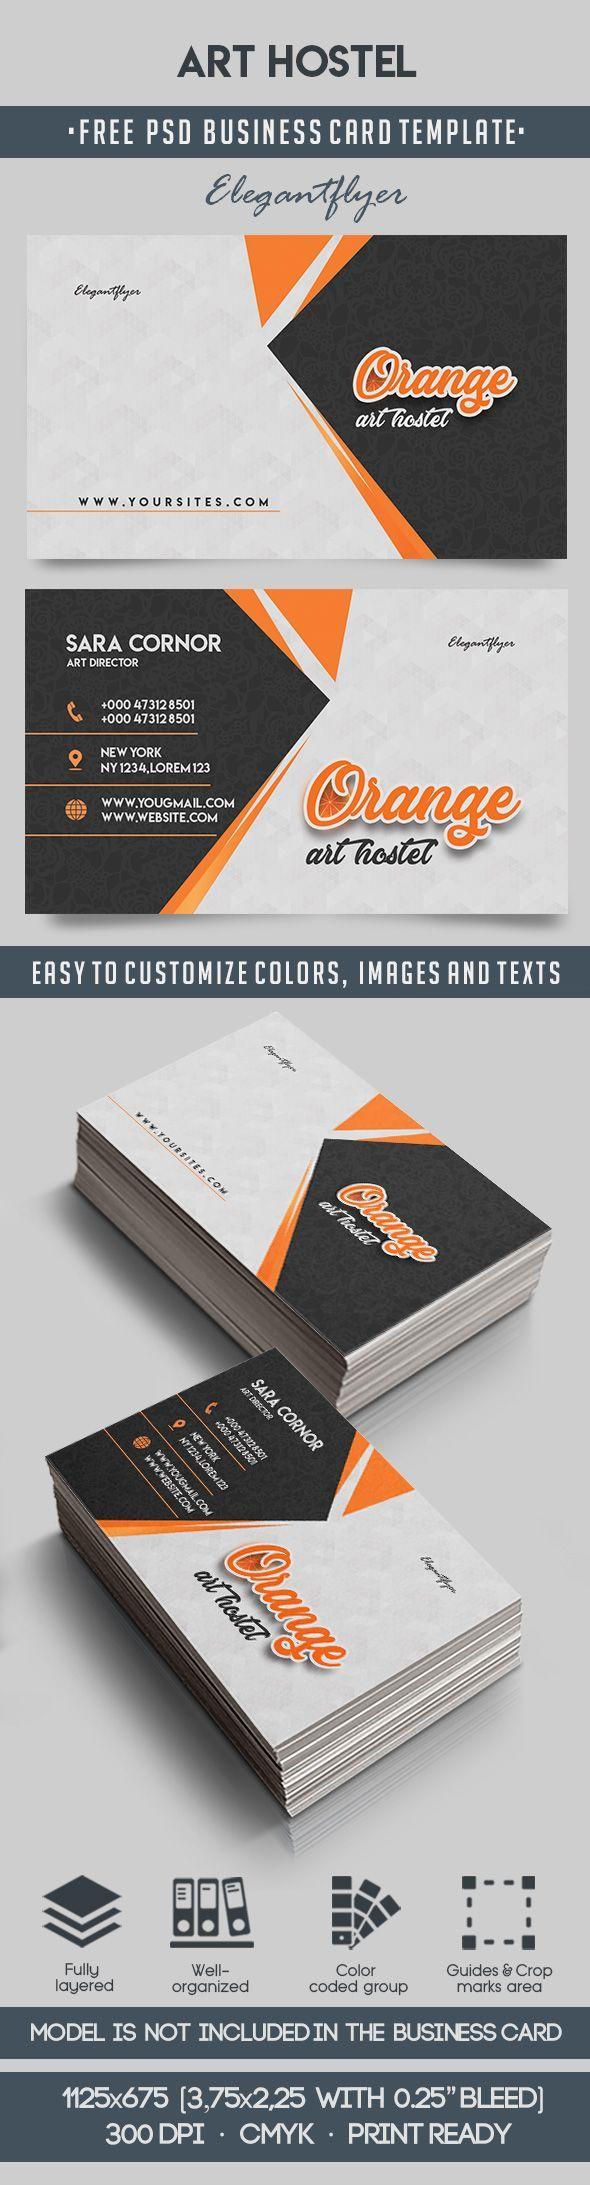 Art Hostel – Free Business Card Templates PSD | Pinterest | Free ...